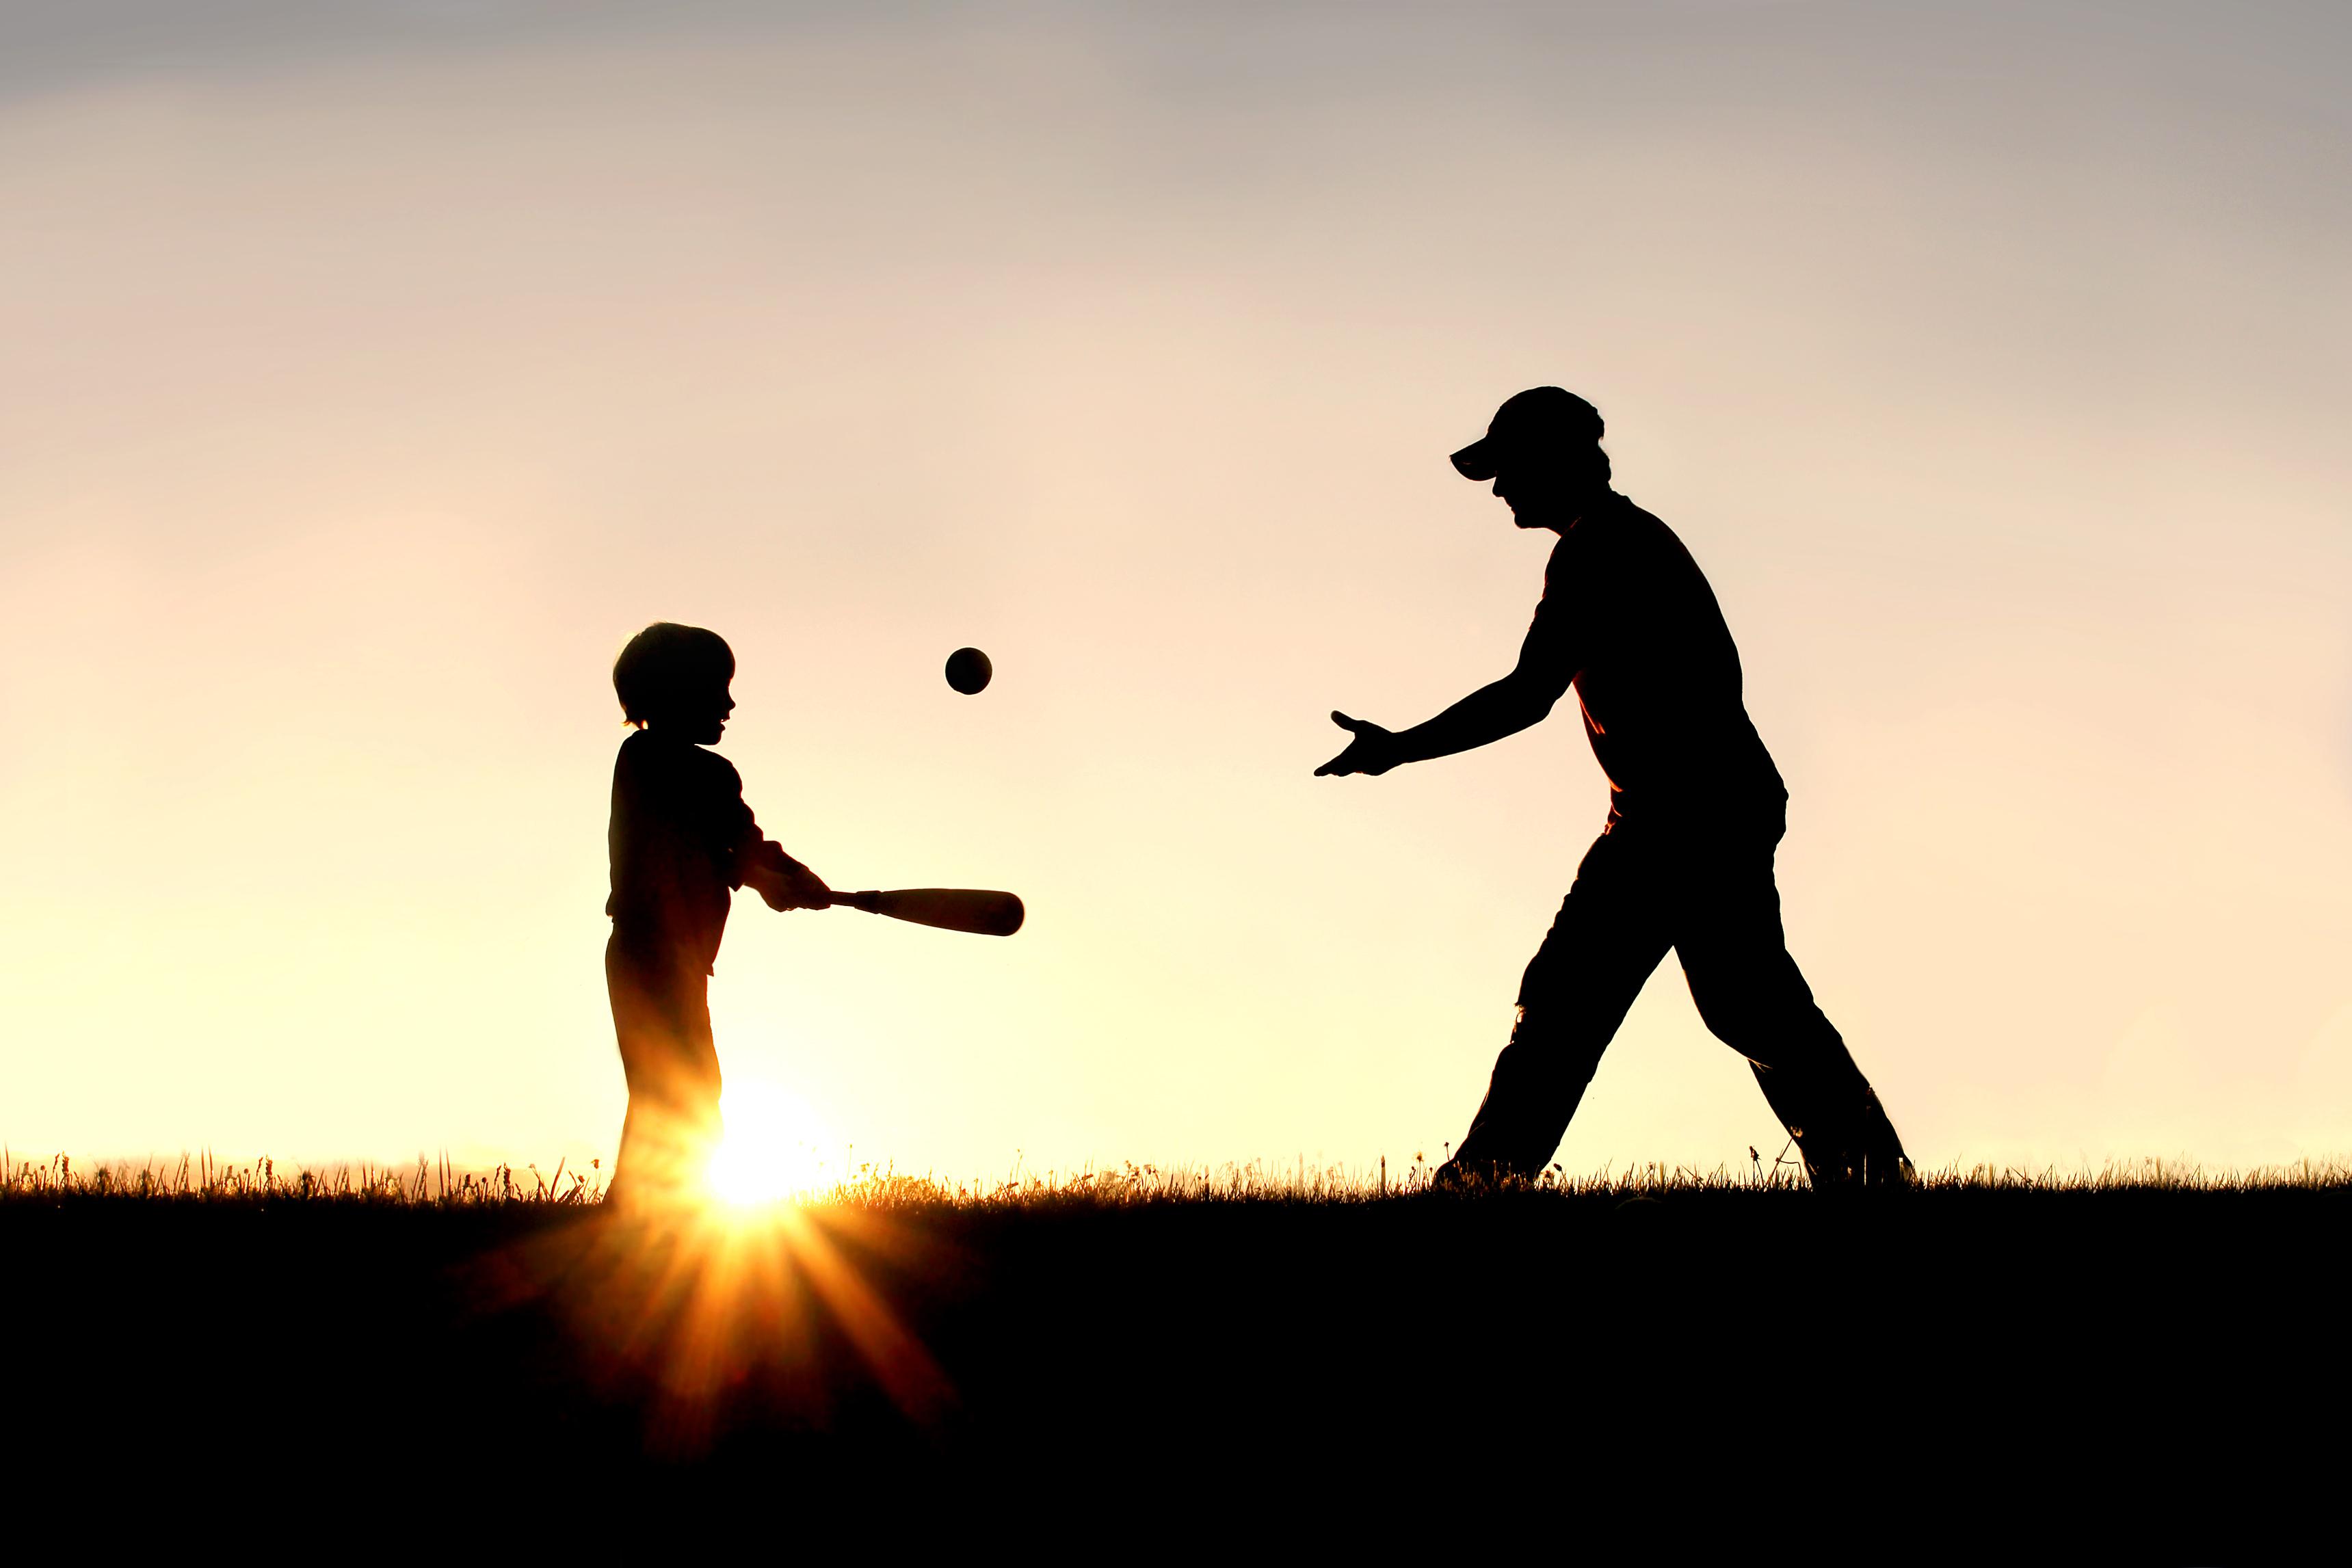 遠雄公益棒球夢想計畫 - 好球打天下公益活動